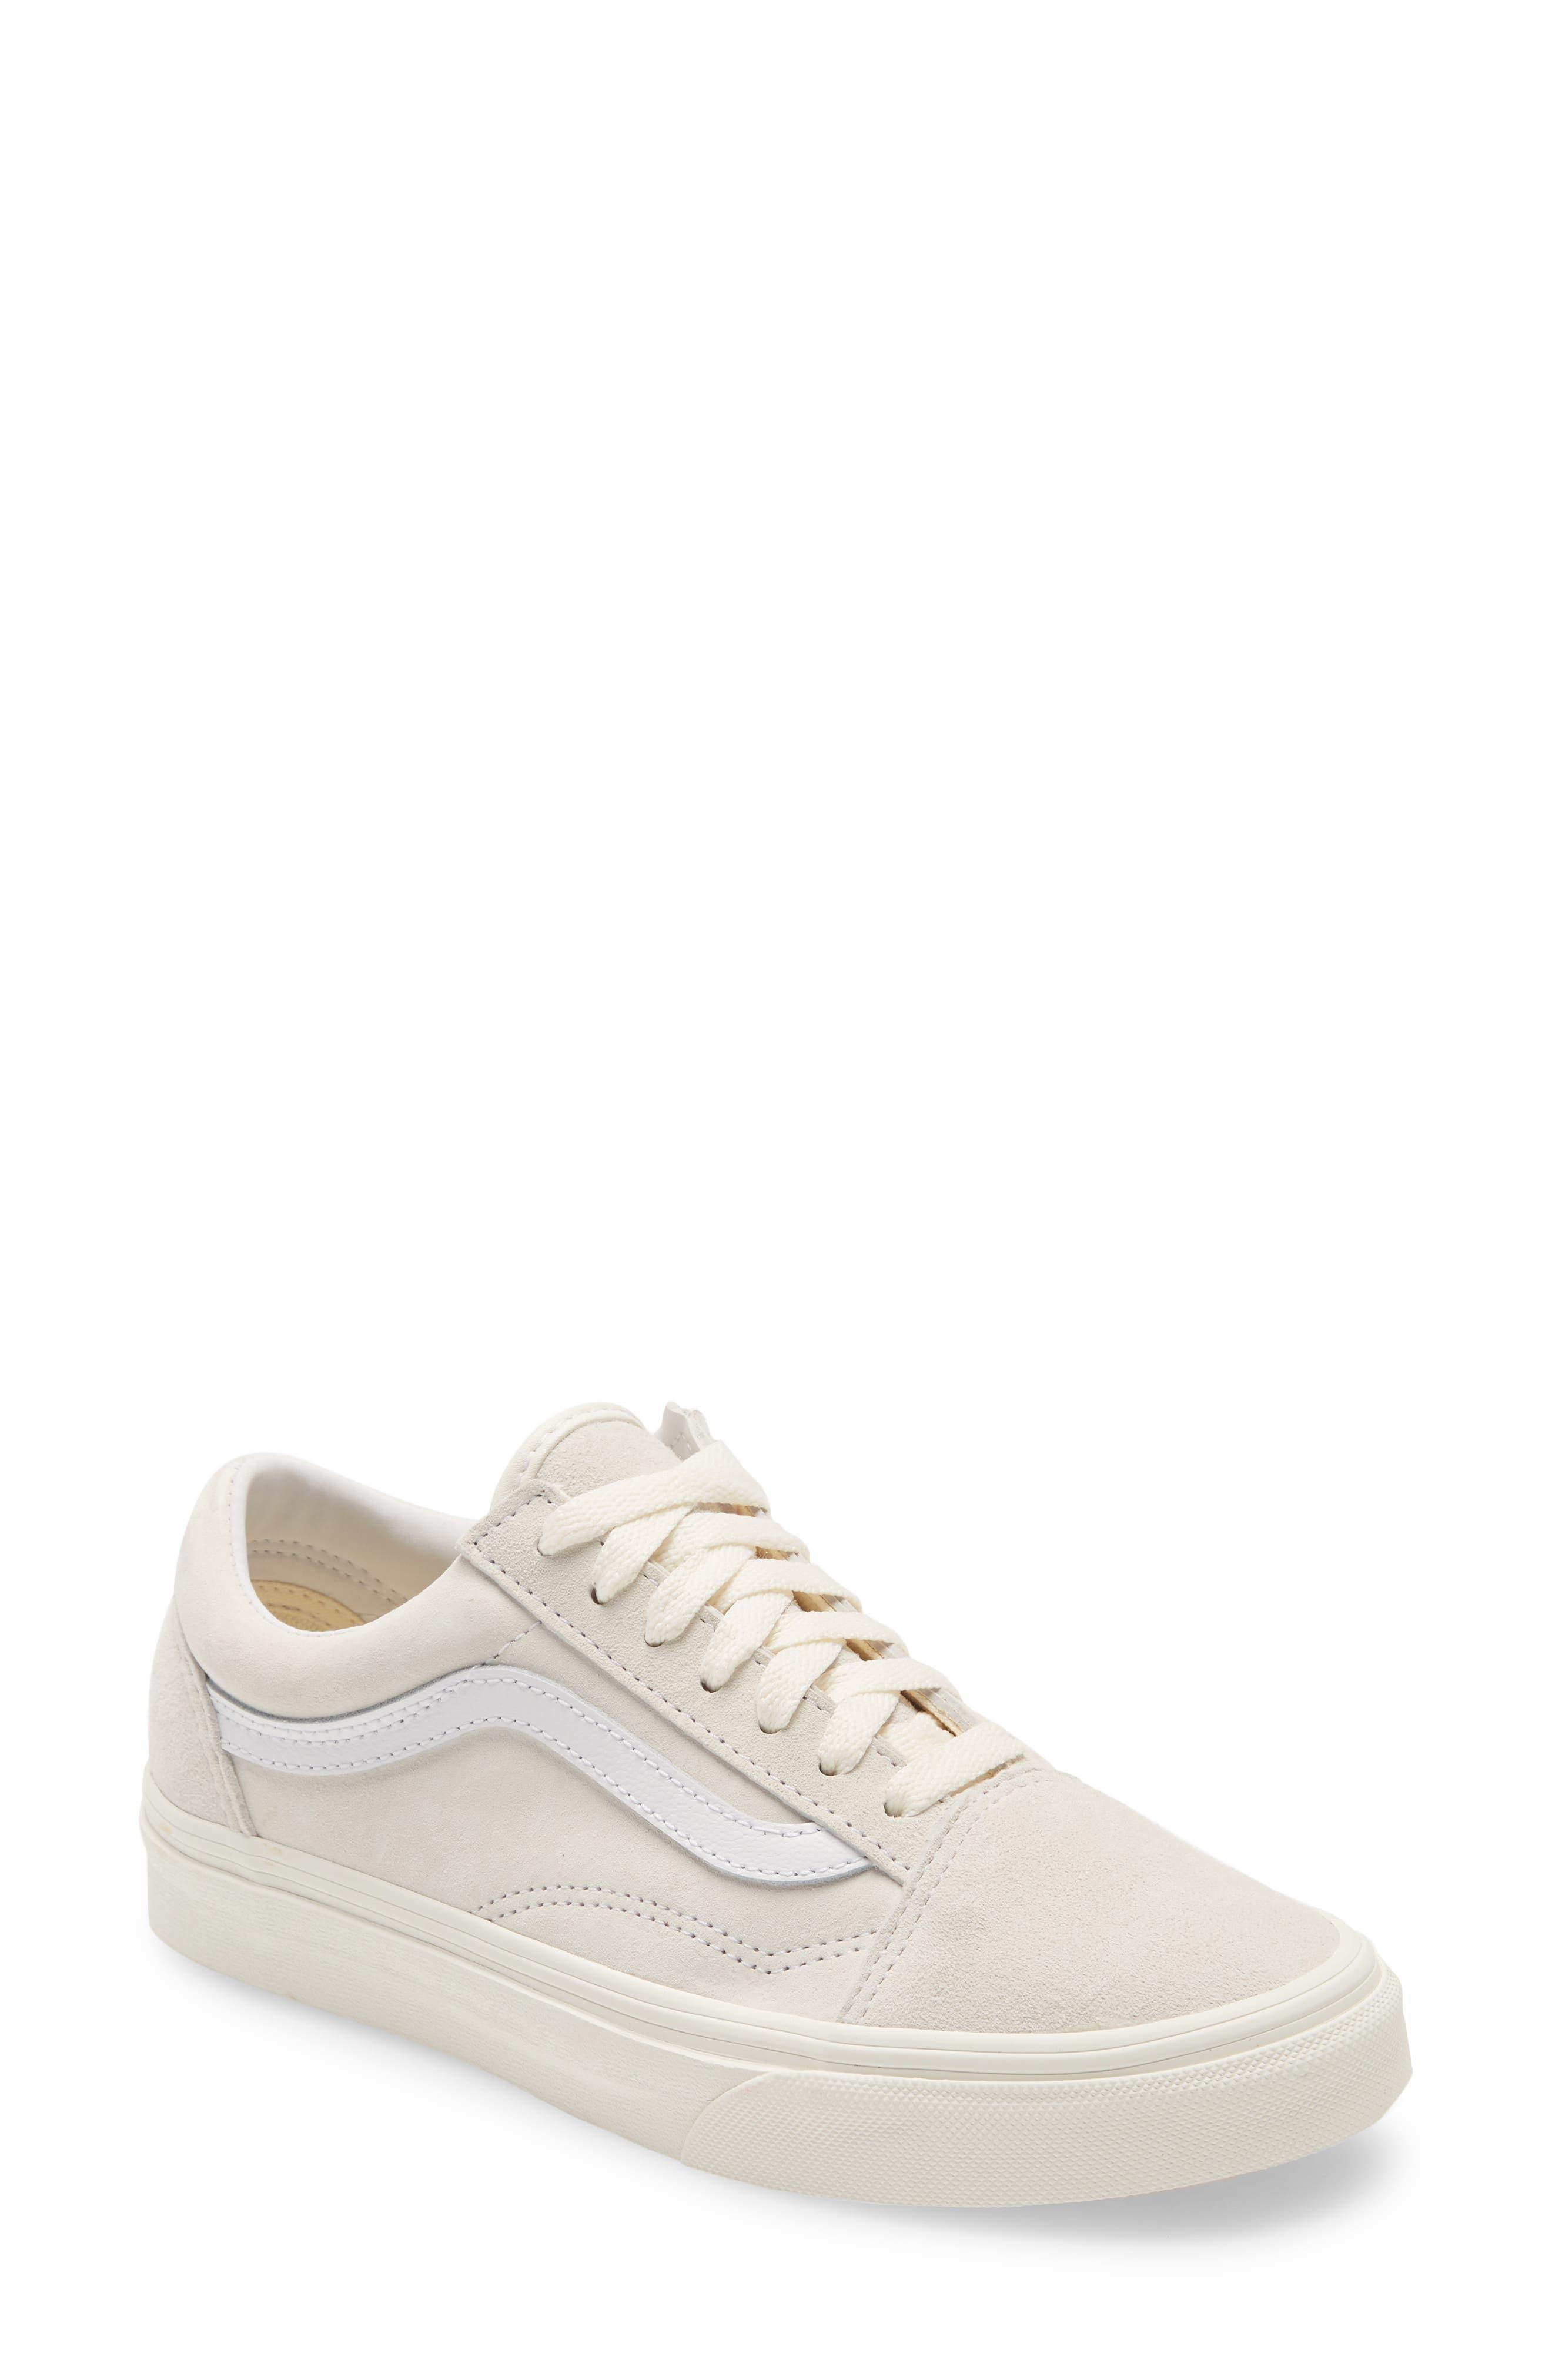 Women's Vans Shoes | Nordstrom